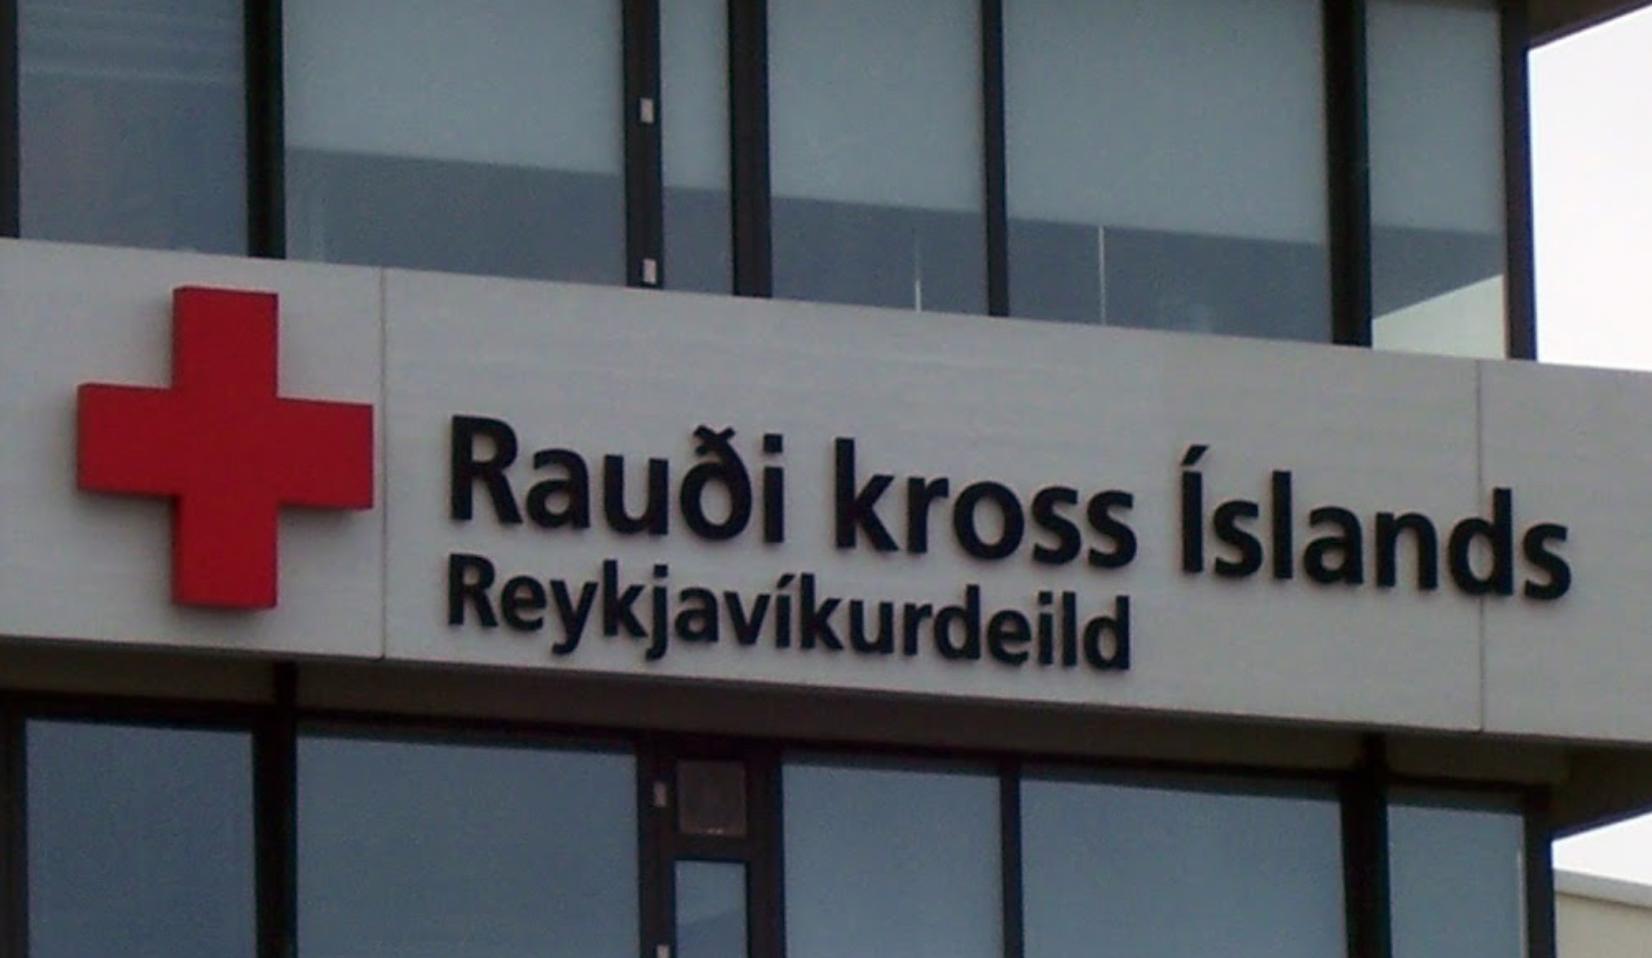 Segir Rauða Krossinn vera með 31 lögmann á sínum snærum: Verkefnið að tefja brottvísun ólöglegra innflytjenda frá landinu